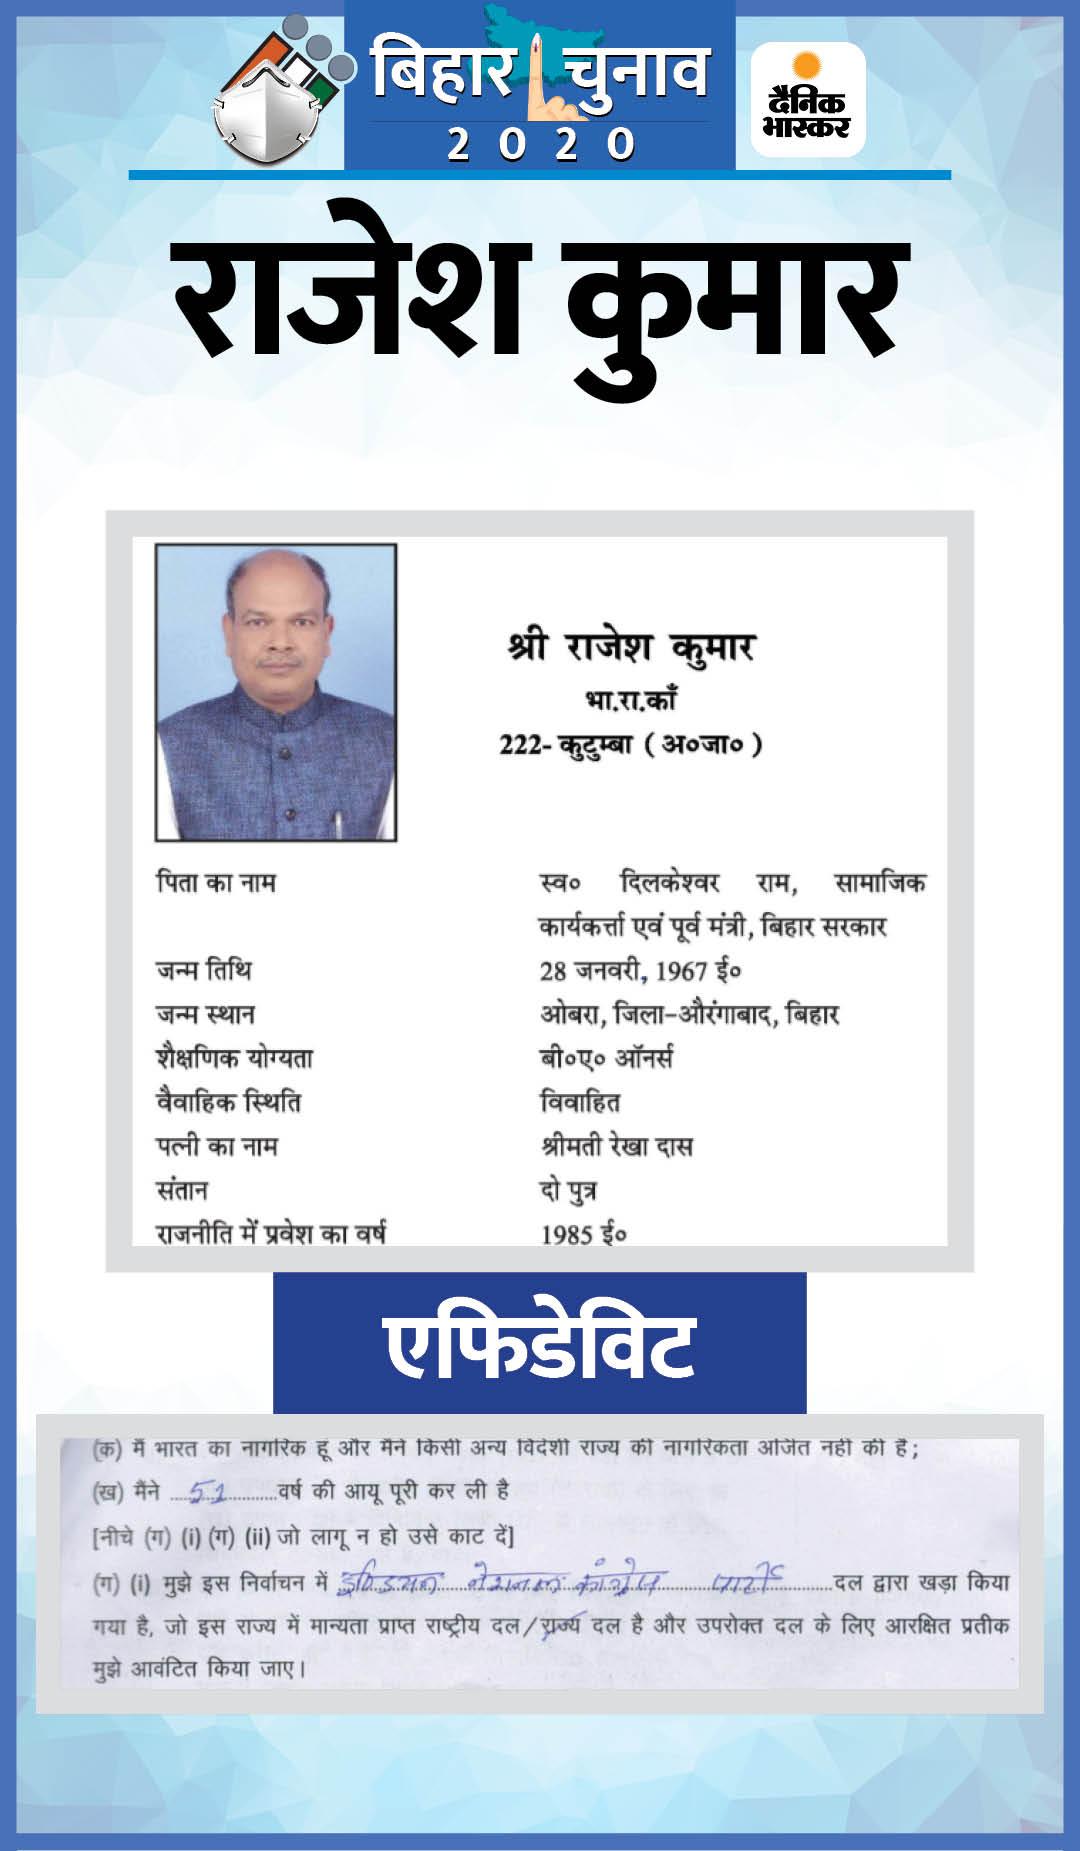 जदयू के सत्यदेव 1950 में पैदा हुए, उम्र बताई 61 साल, भाजपा की निक्की 5 साल से 42 की ही हैं; मंत्री जय कुमार 5 साल में 10 साल बढ़ गए